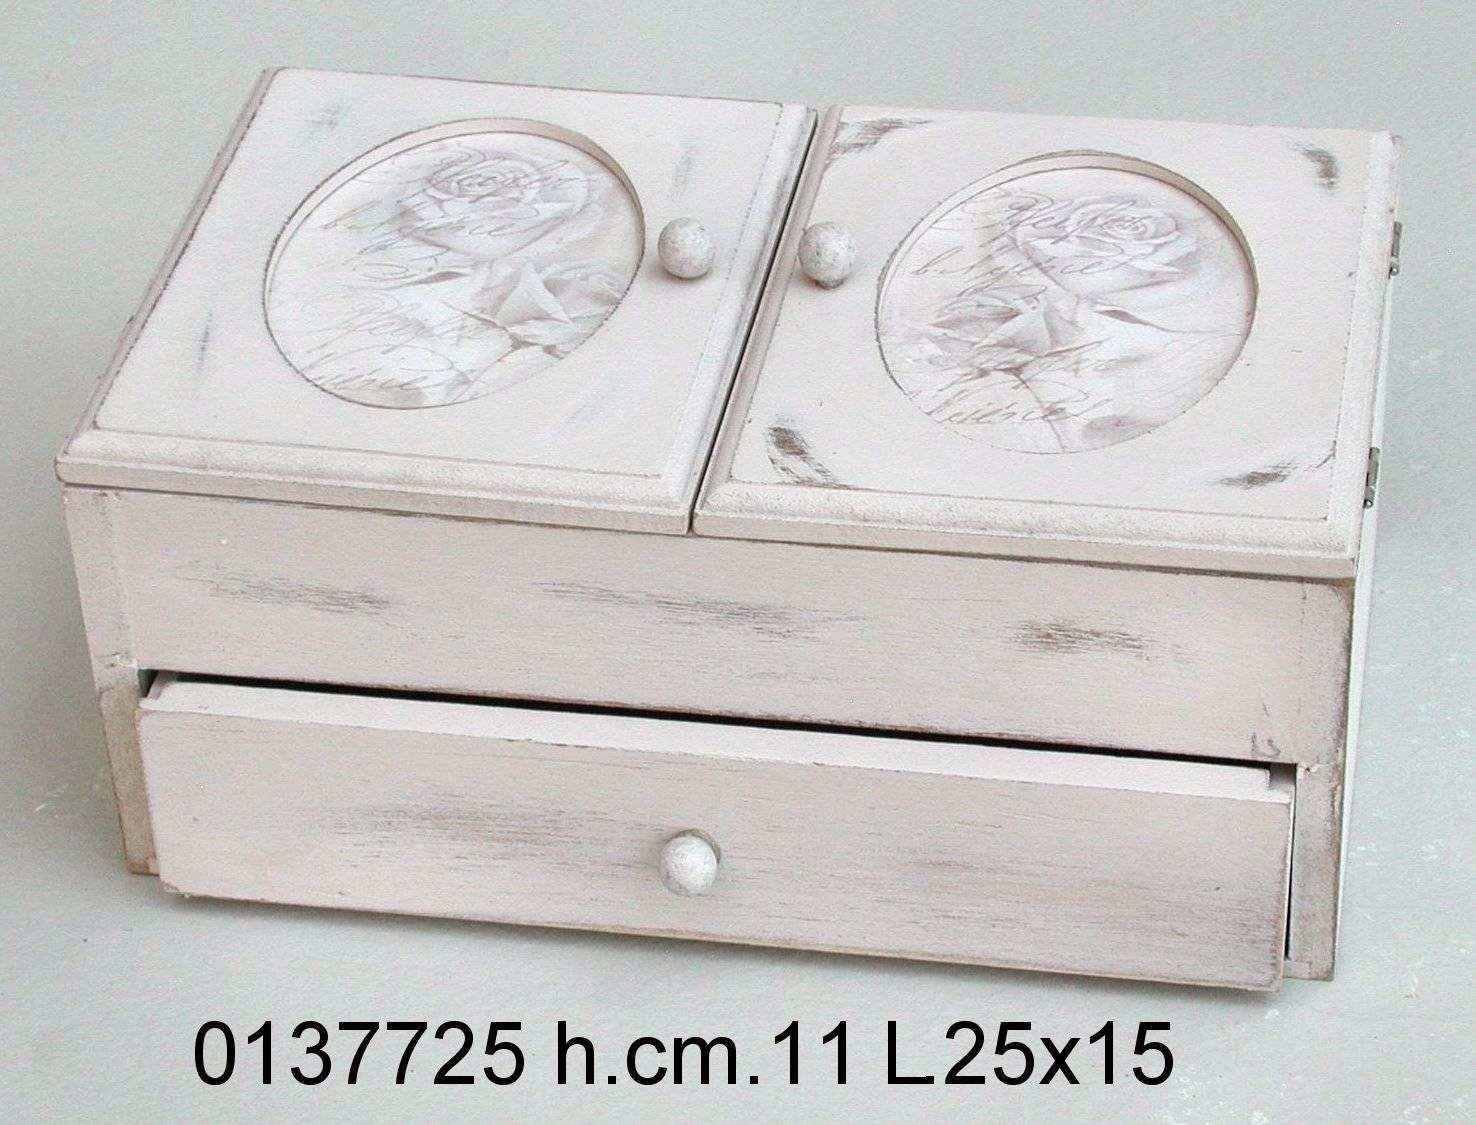 Antica soffitta scatola porta cucito lavoro legno rose - Scatola porta the ...